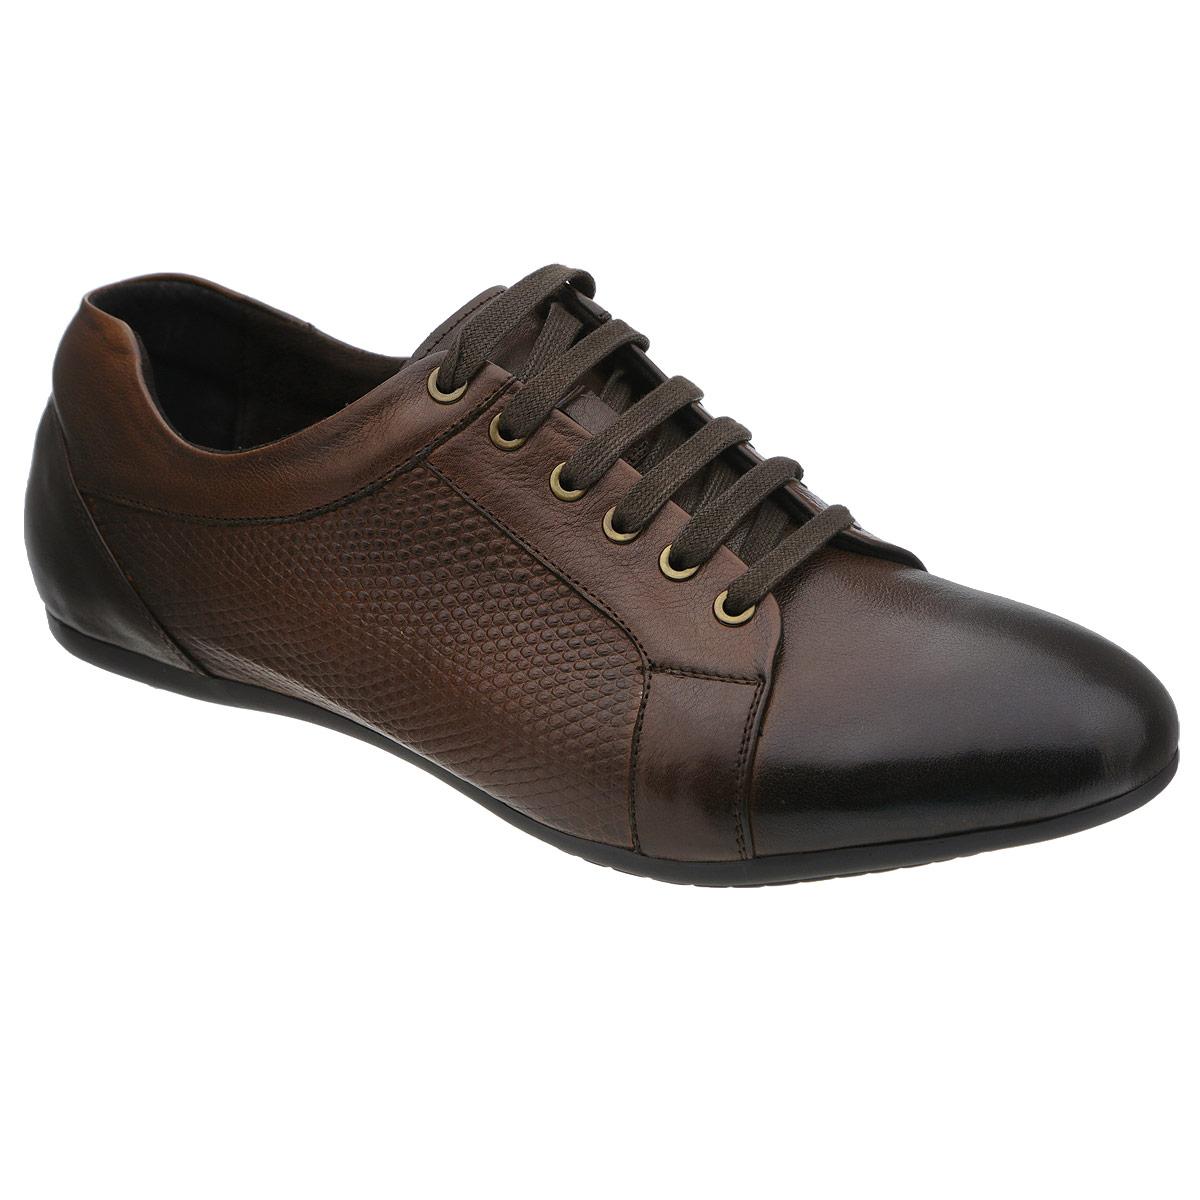 Полуботинки мужские. 104-164104-164-39Стильные мужские полуботинки от Dino Ricci не оставят вас равнодушным! Модель выполнена из натуральной высококачественной кожи и сбоку декорирована тиснением под рептилию. Шнуровка позволяет прочно зафиксировать обувь на ноге. Стелька из натуральной кожи оснащена перфорацией, позволяющей вашим ногам дышать. Прочная резиновая подошва дополнена противоскользящим рифлением. Модные полуботинки прекрасно впишутся в ваш гардероб.